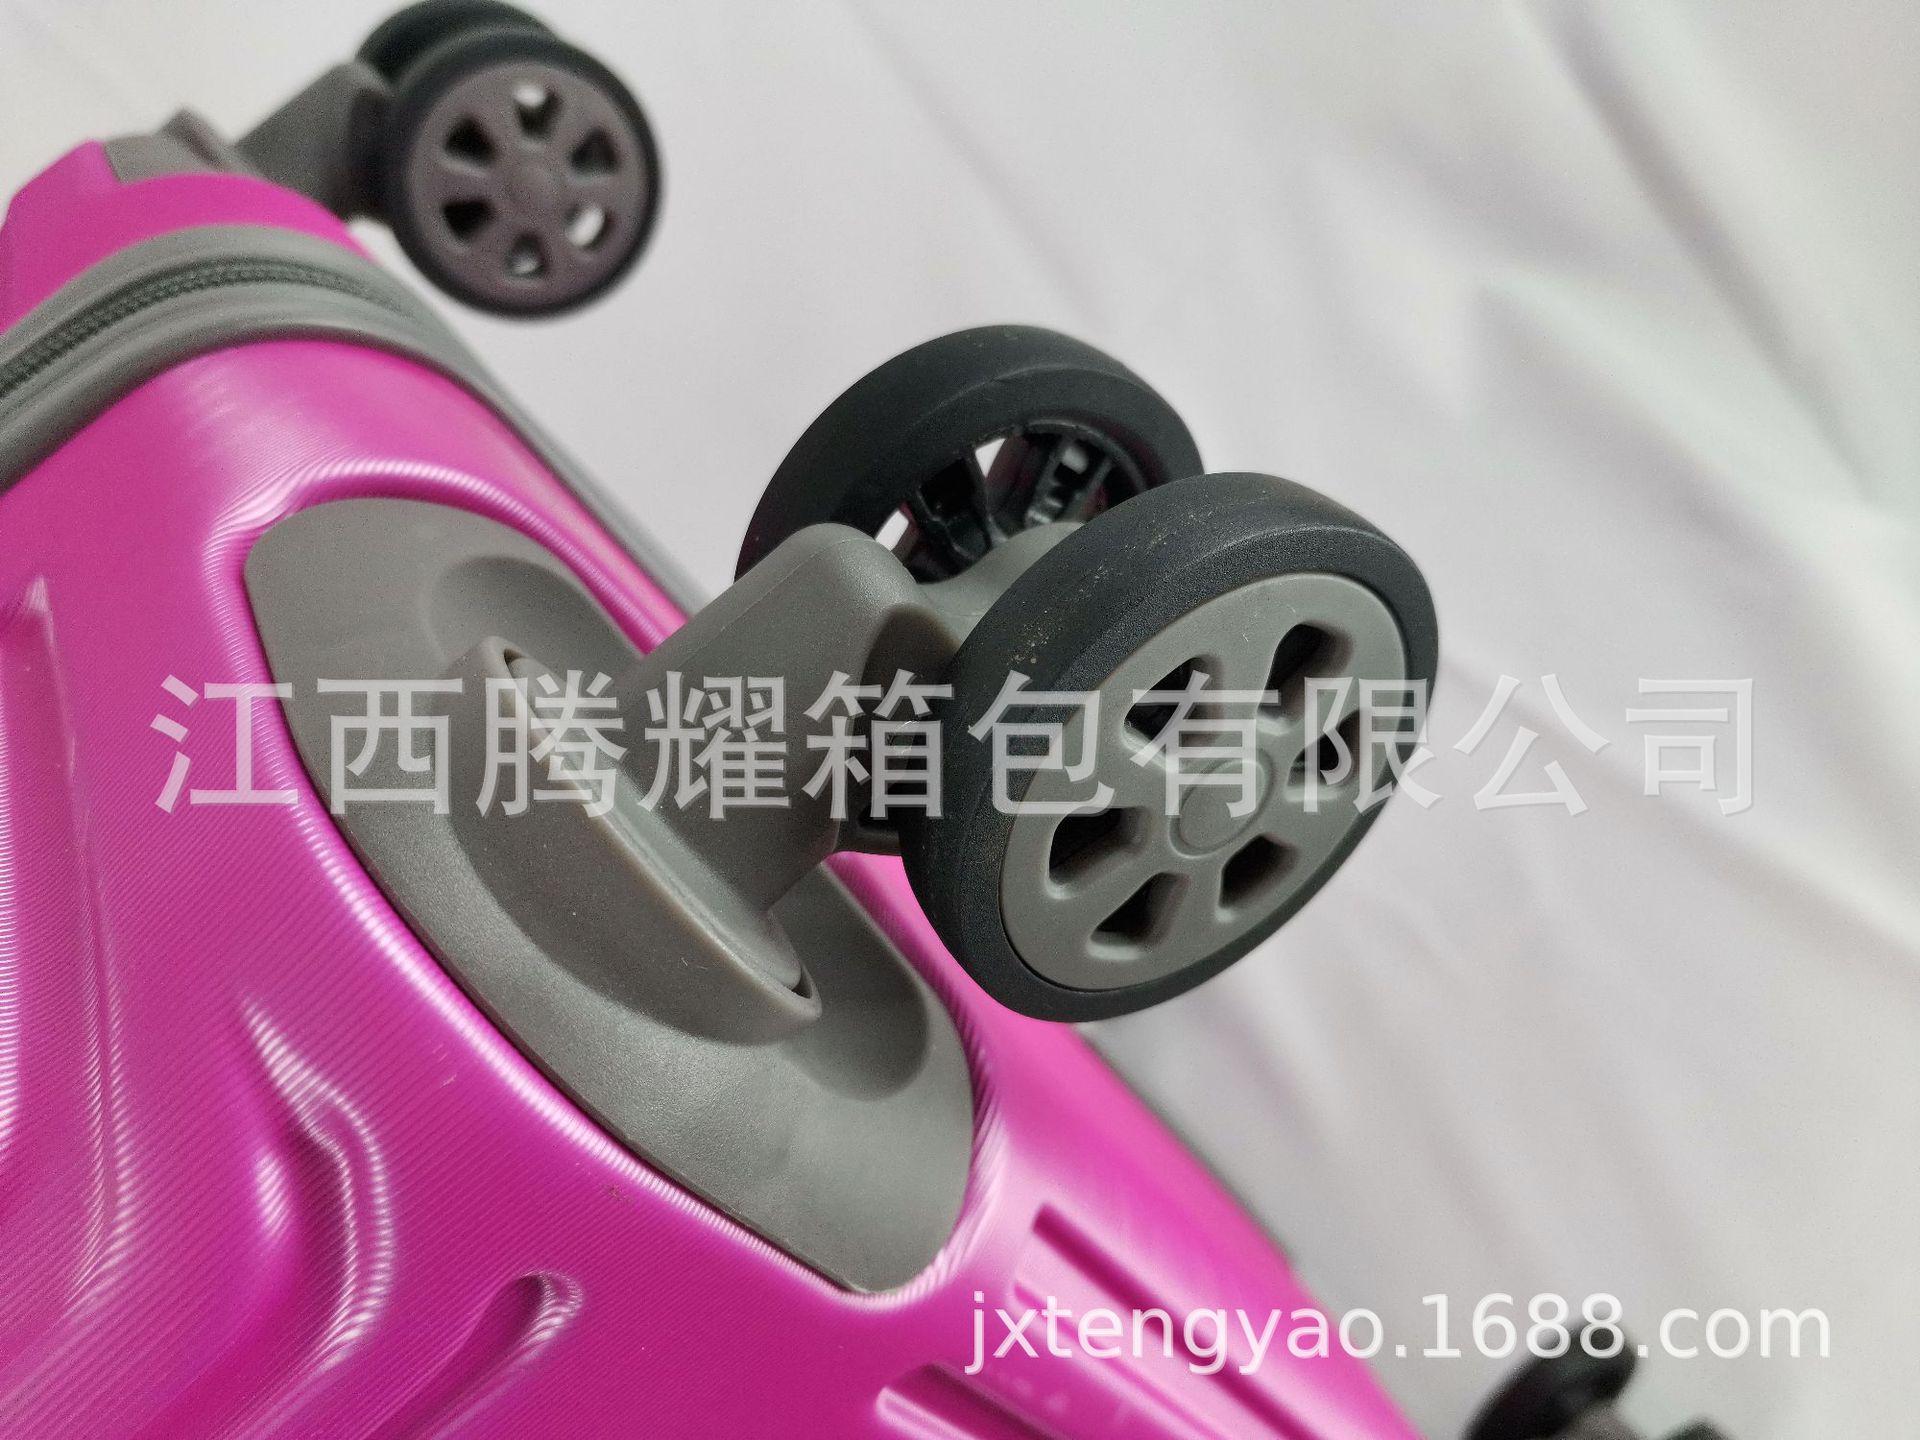 厂家直销学生万向轮拉杆旅行登机箱162024寸141439795